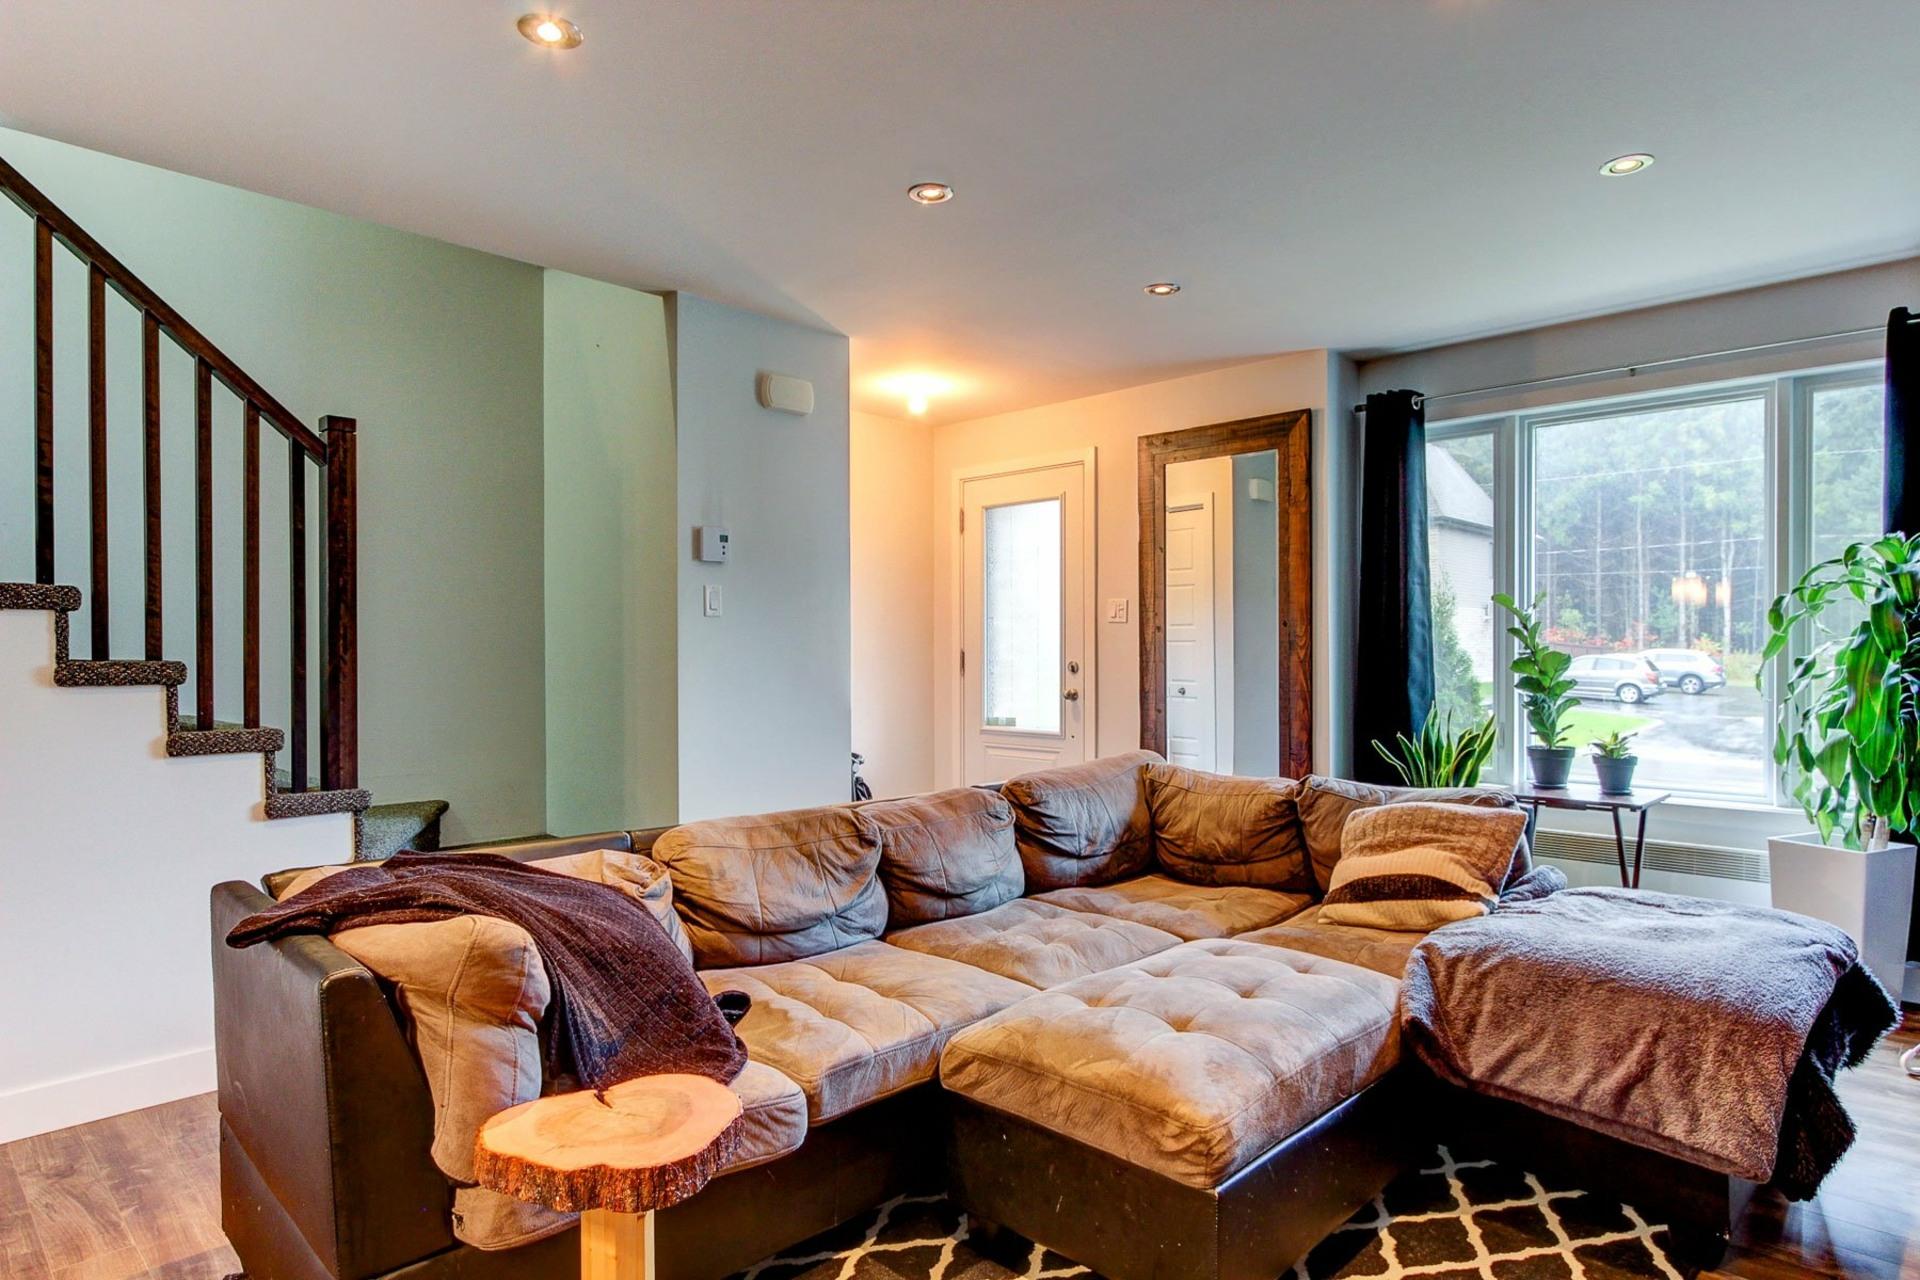 image 11 - Appartement À vendre Trois-Rivières - 7 pièces